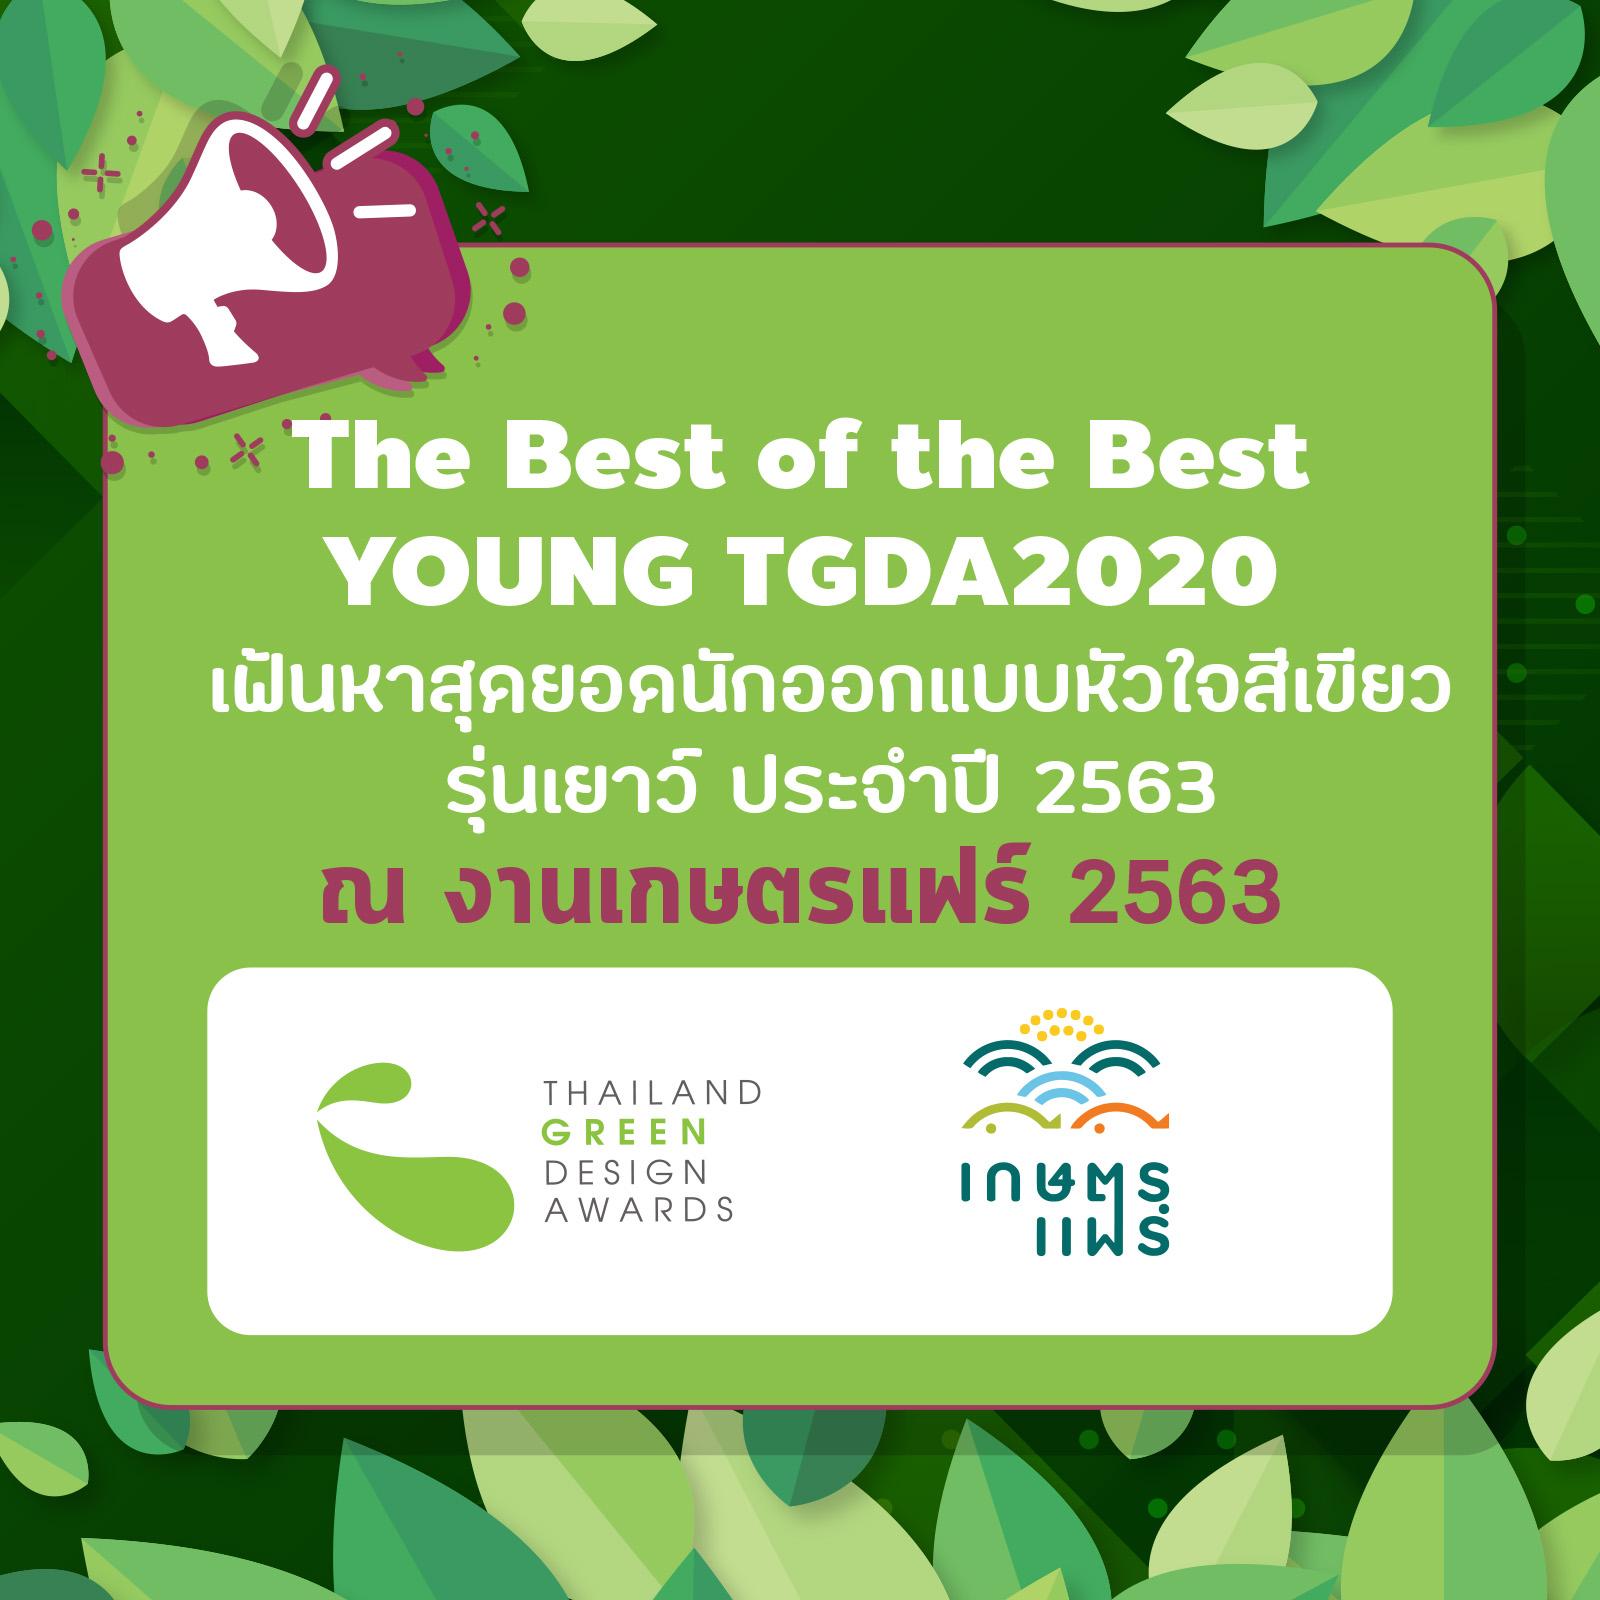 กำหนดการการตัดสินรางวัล The Best of the Best YOUNG TGDA2020 Thailand Green Design Awards 2020 ณ งานเกษตรแฟร์ 2563